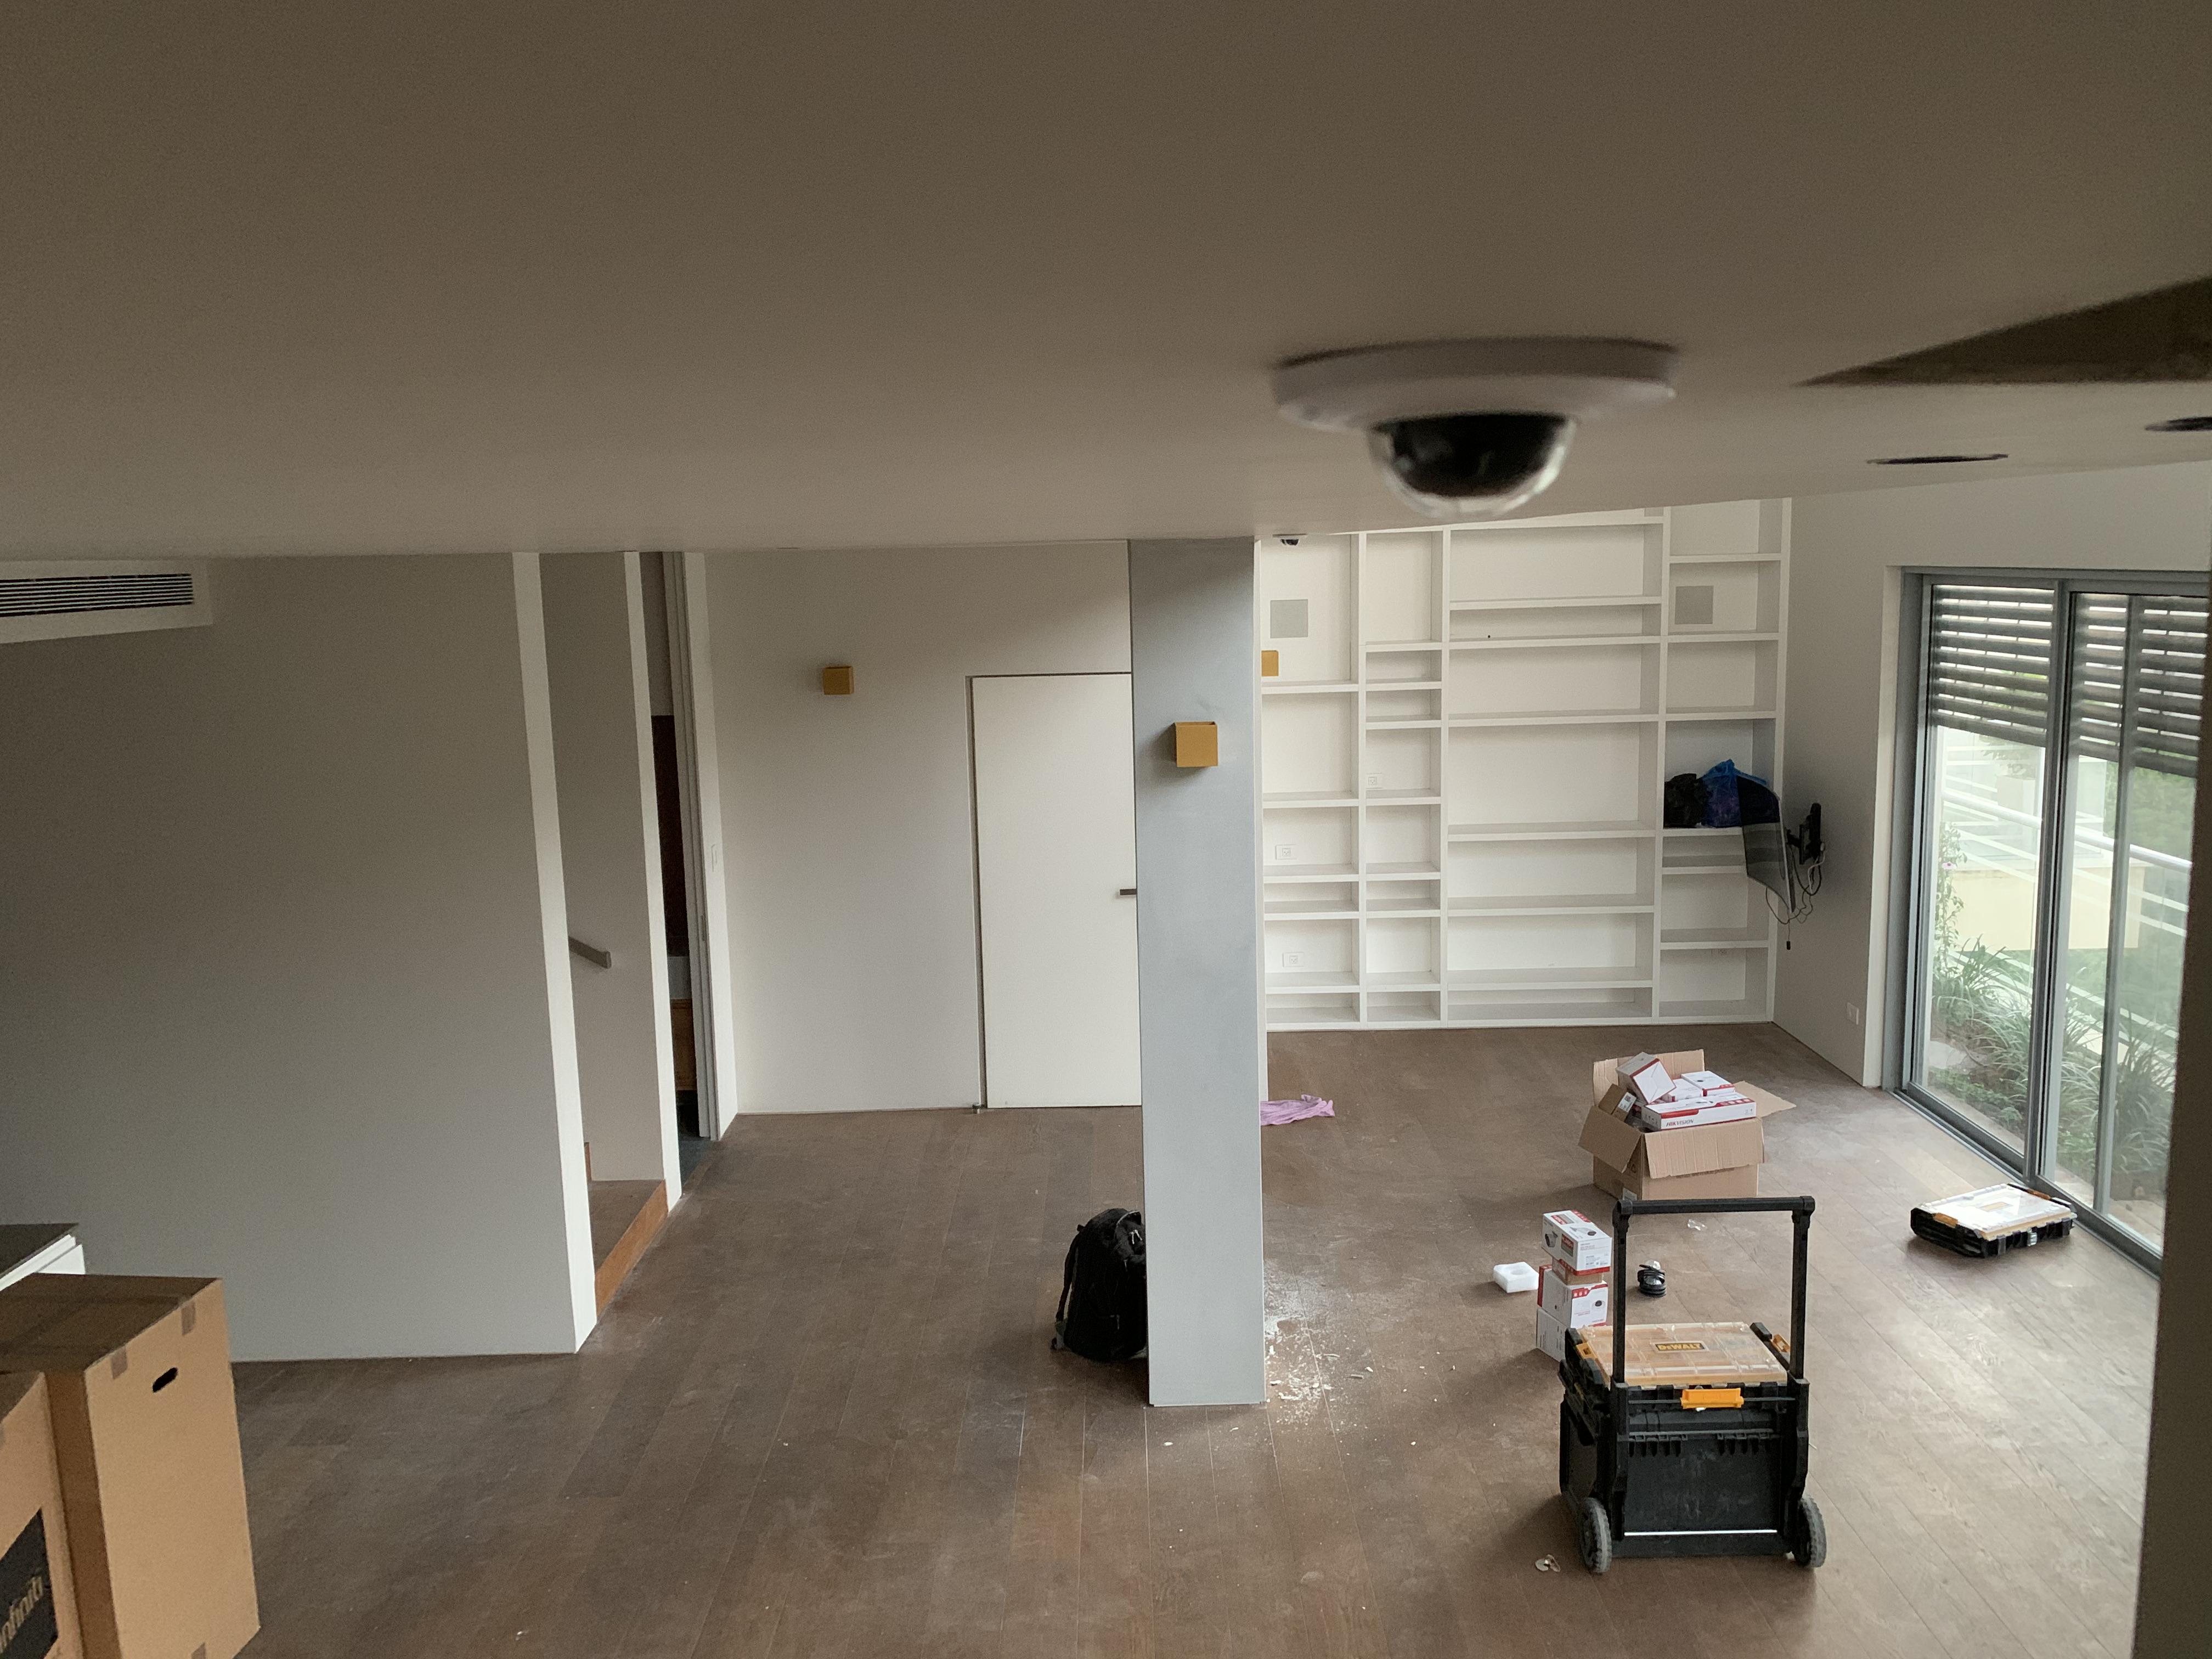 מצלמת אבטחה ביתית שקועה בגבס